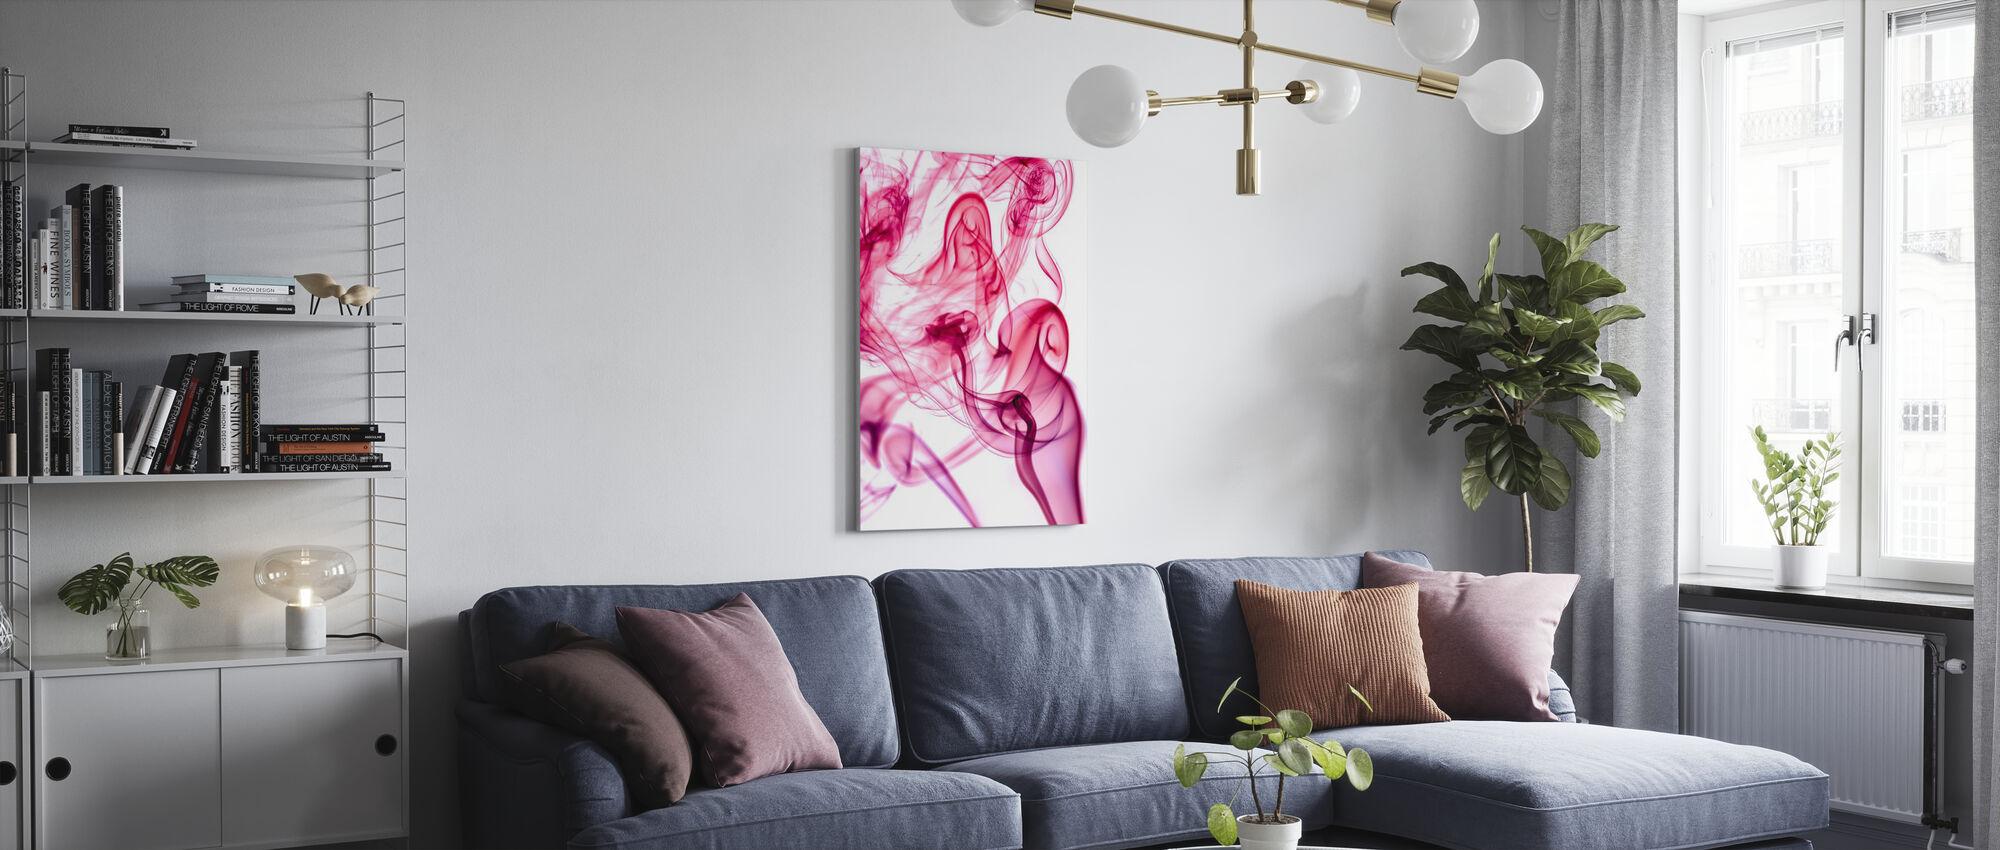 Abstract Smoke - Canvas print - Living Room